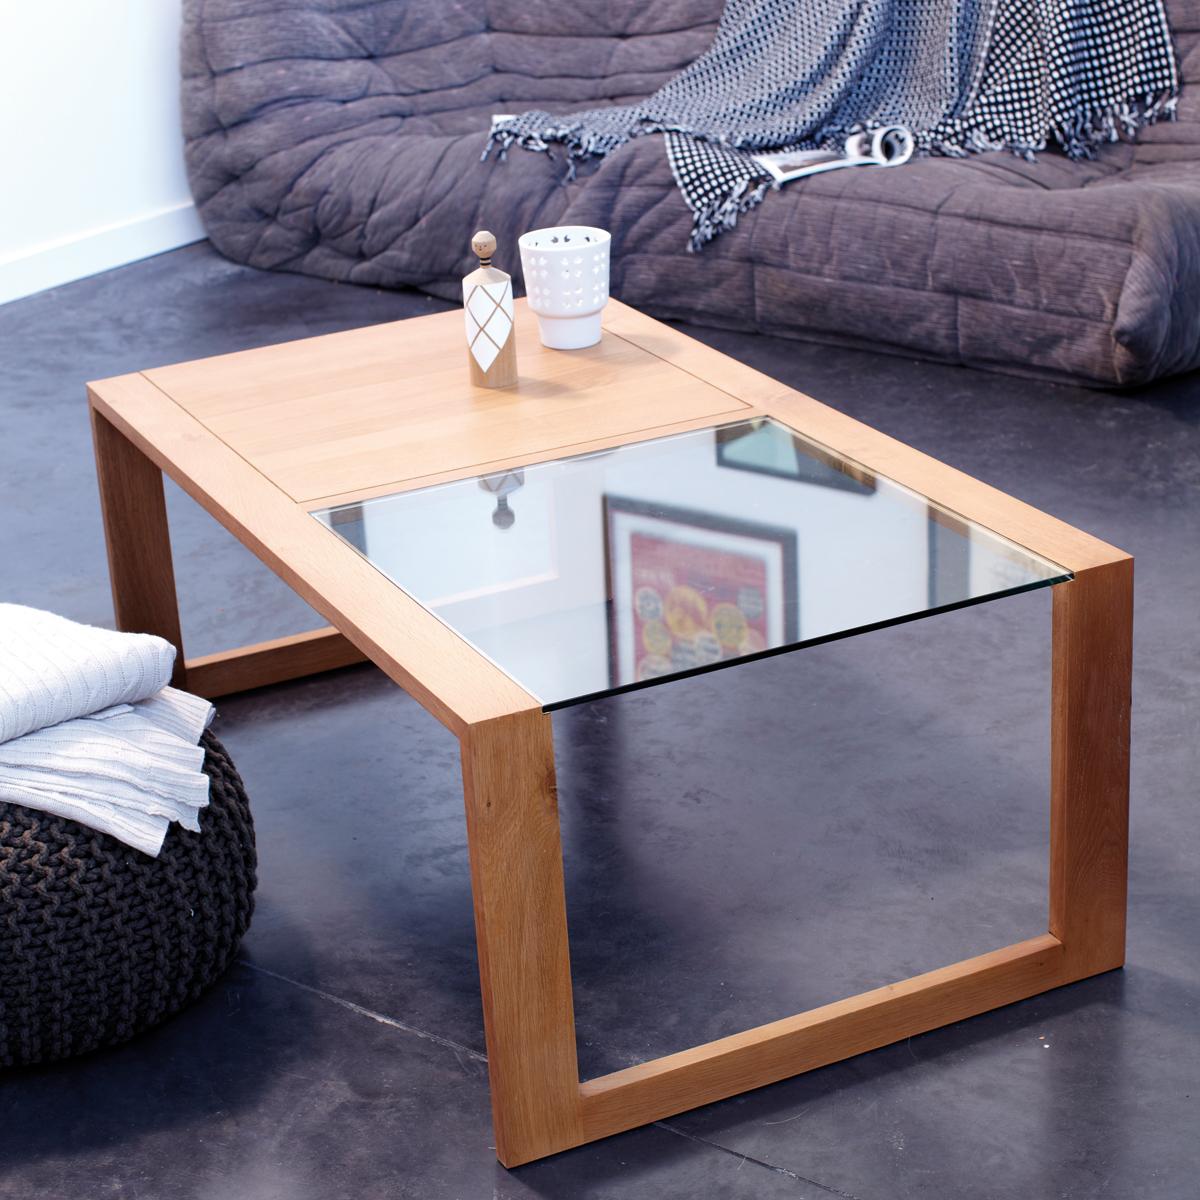 An Oak Coffee Table